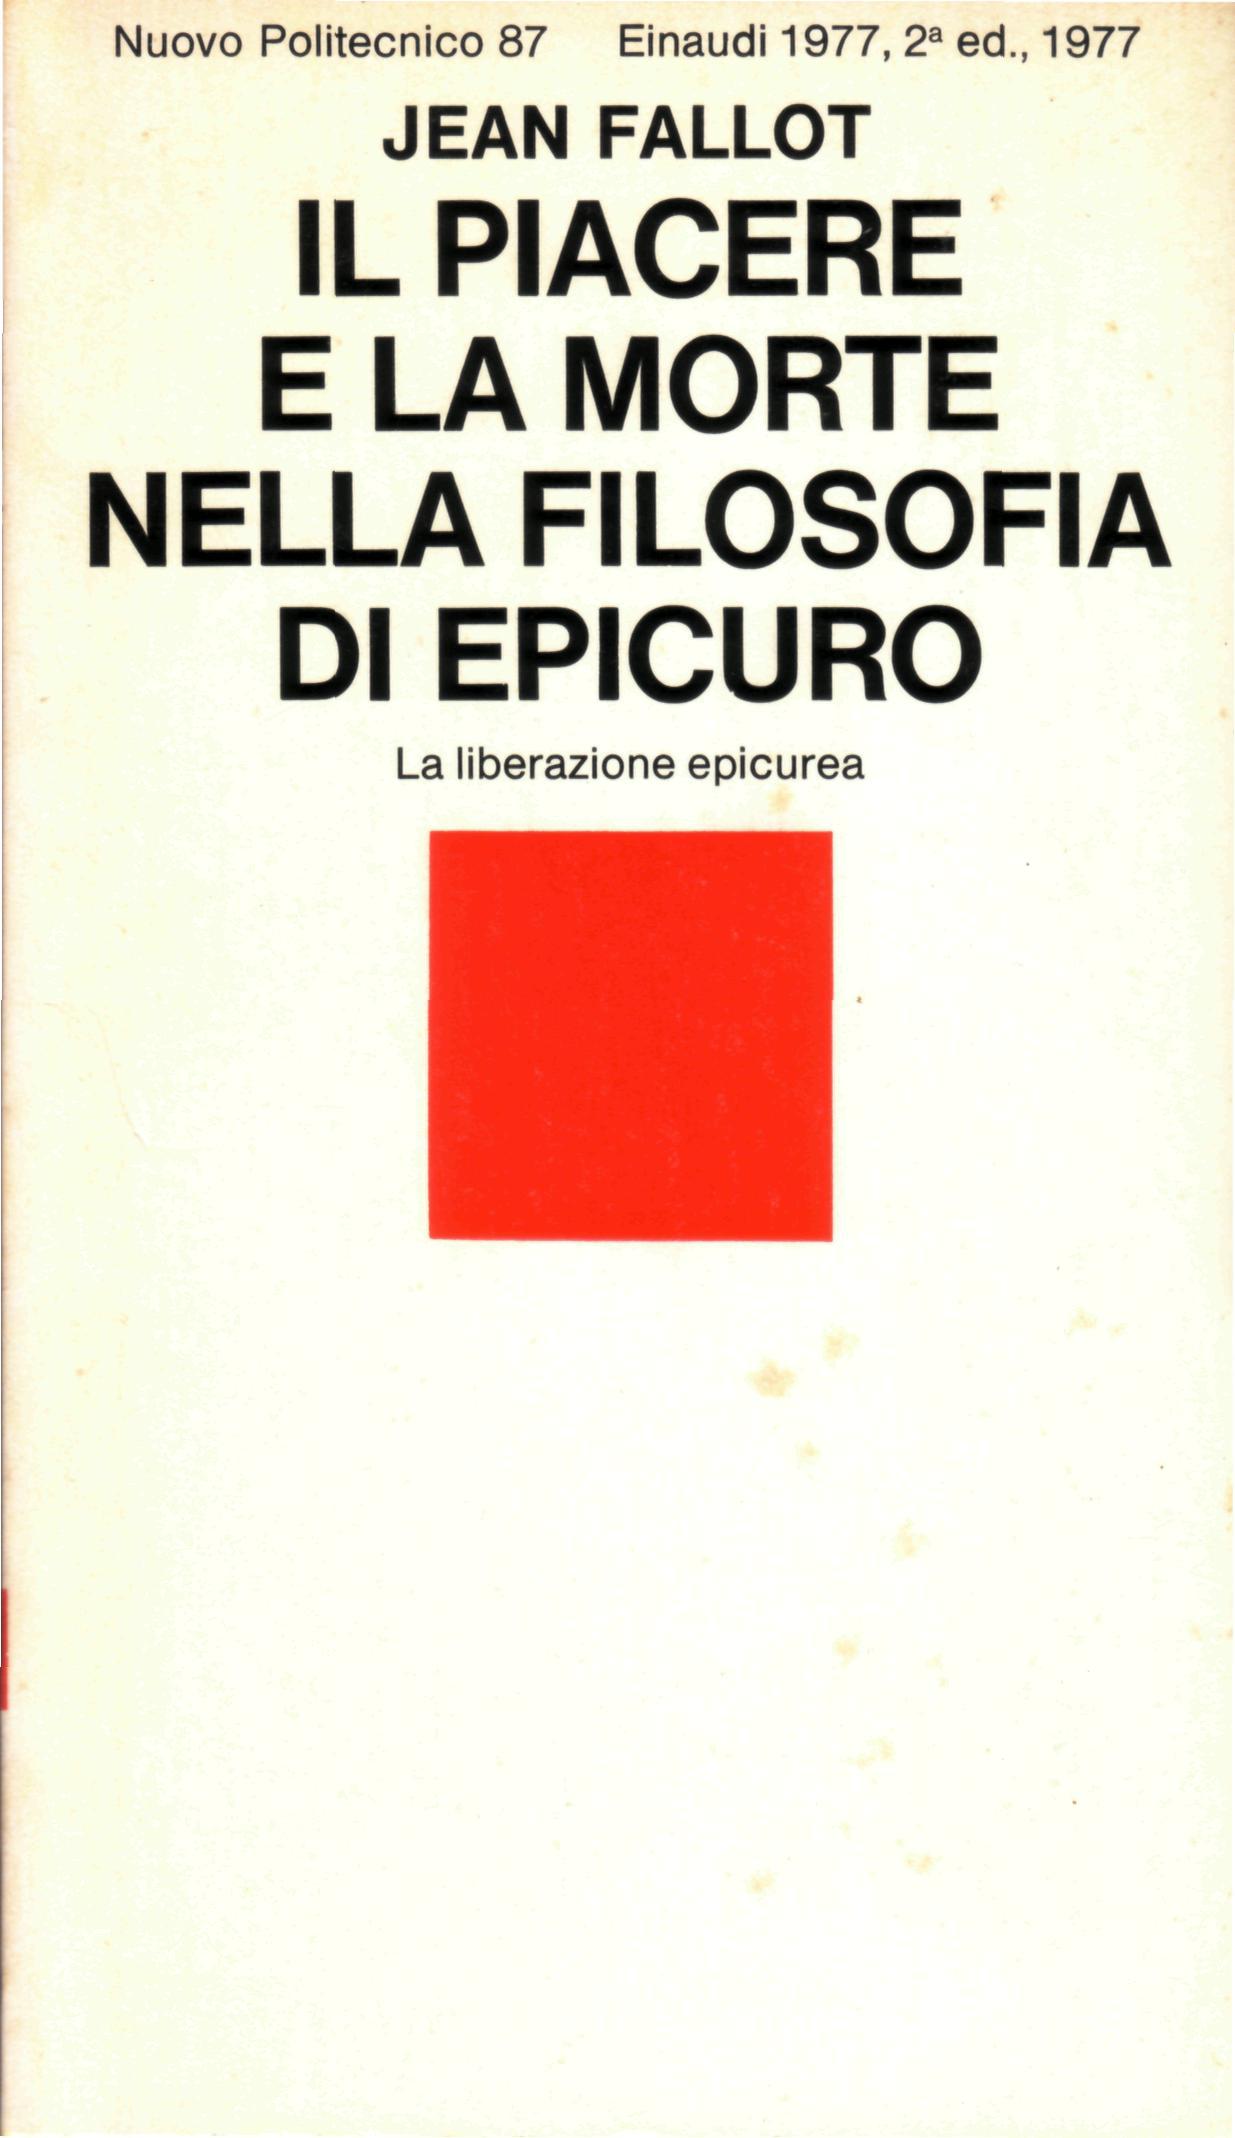 Il piacere e la morte nella filosofia di Epicuro